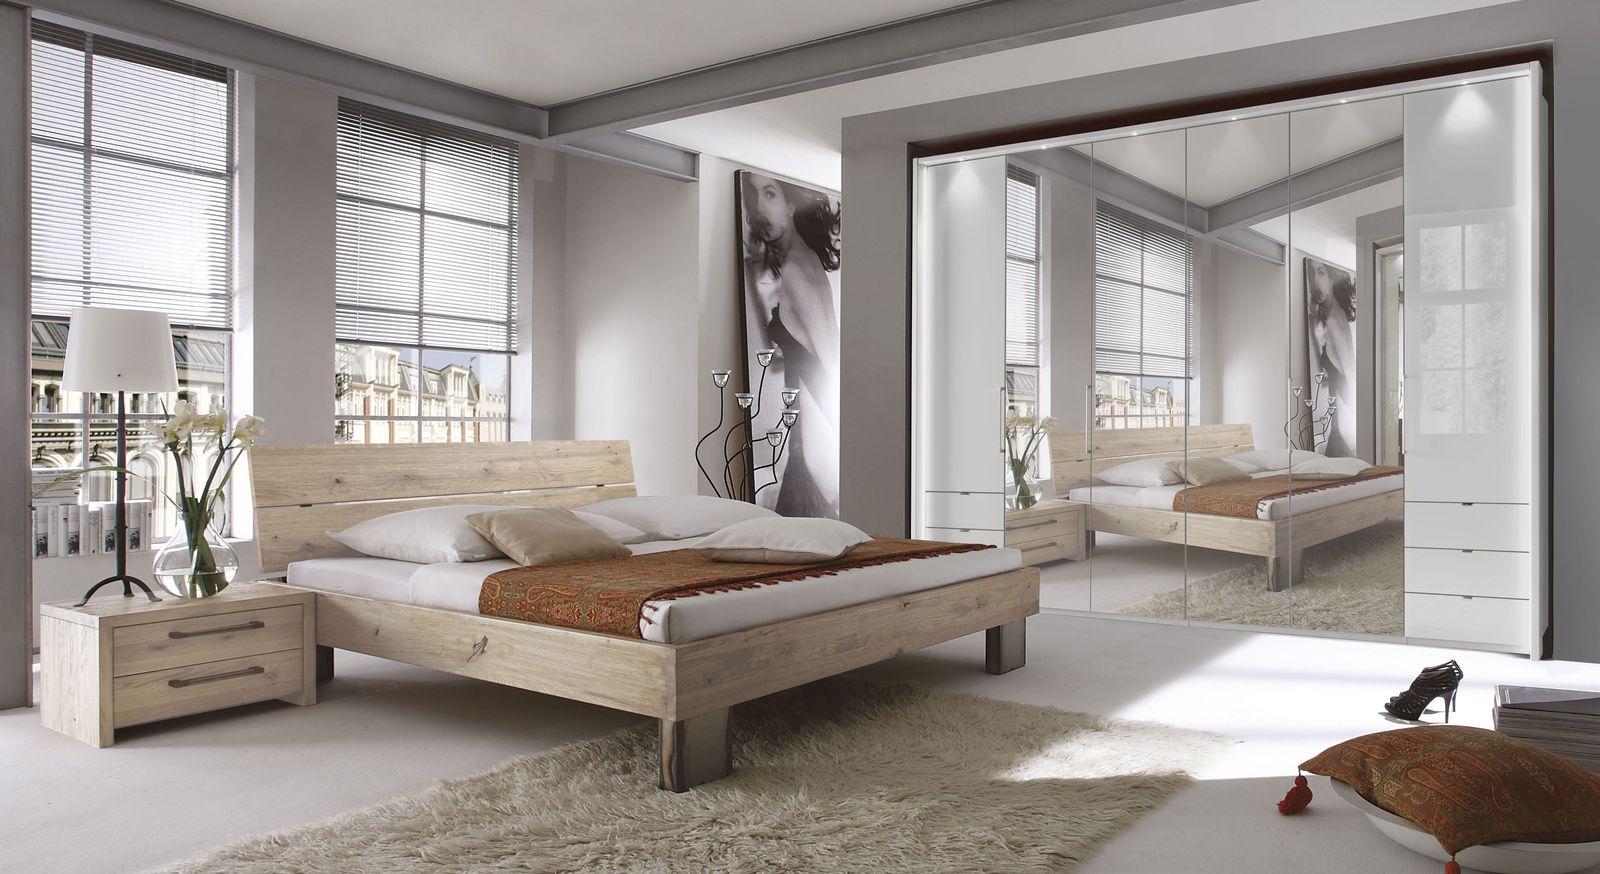 Spiegel-Funktions-Kleiderschrank Westville für moderne Schlafzimmer